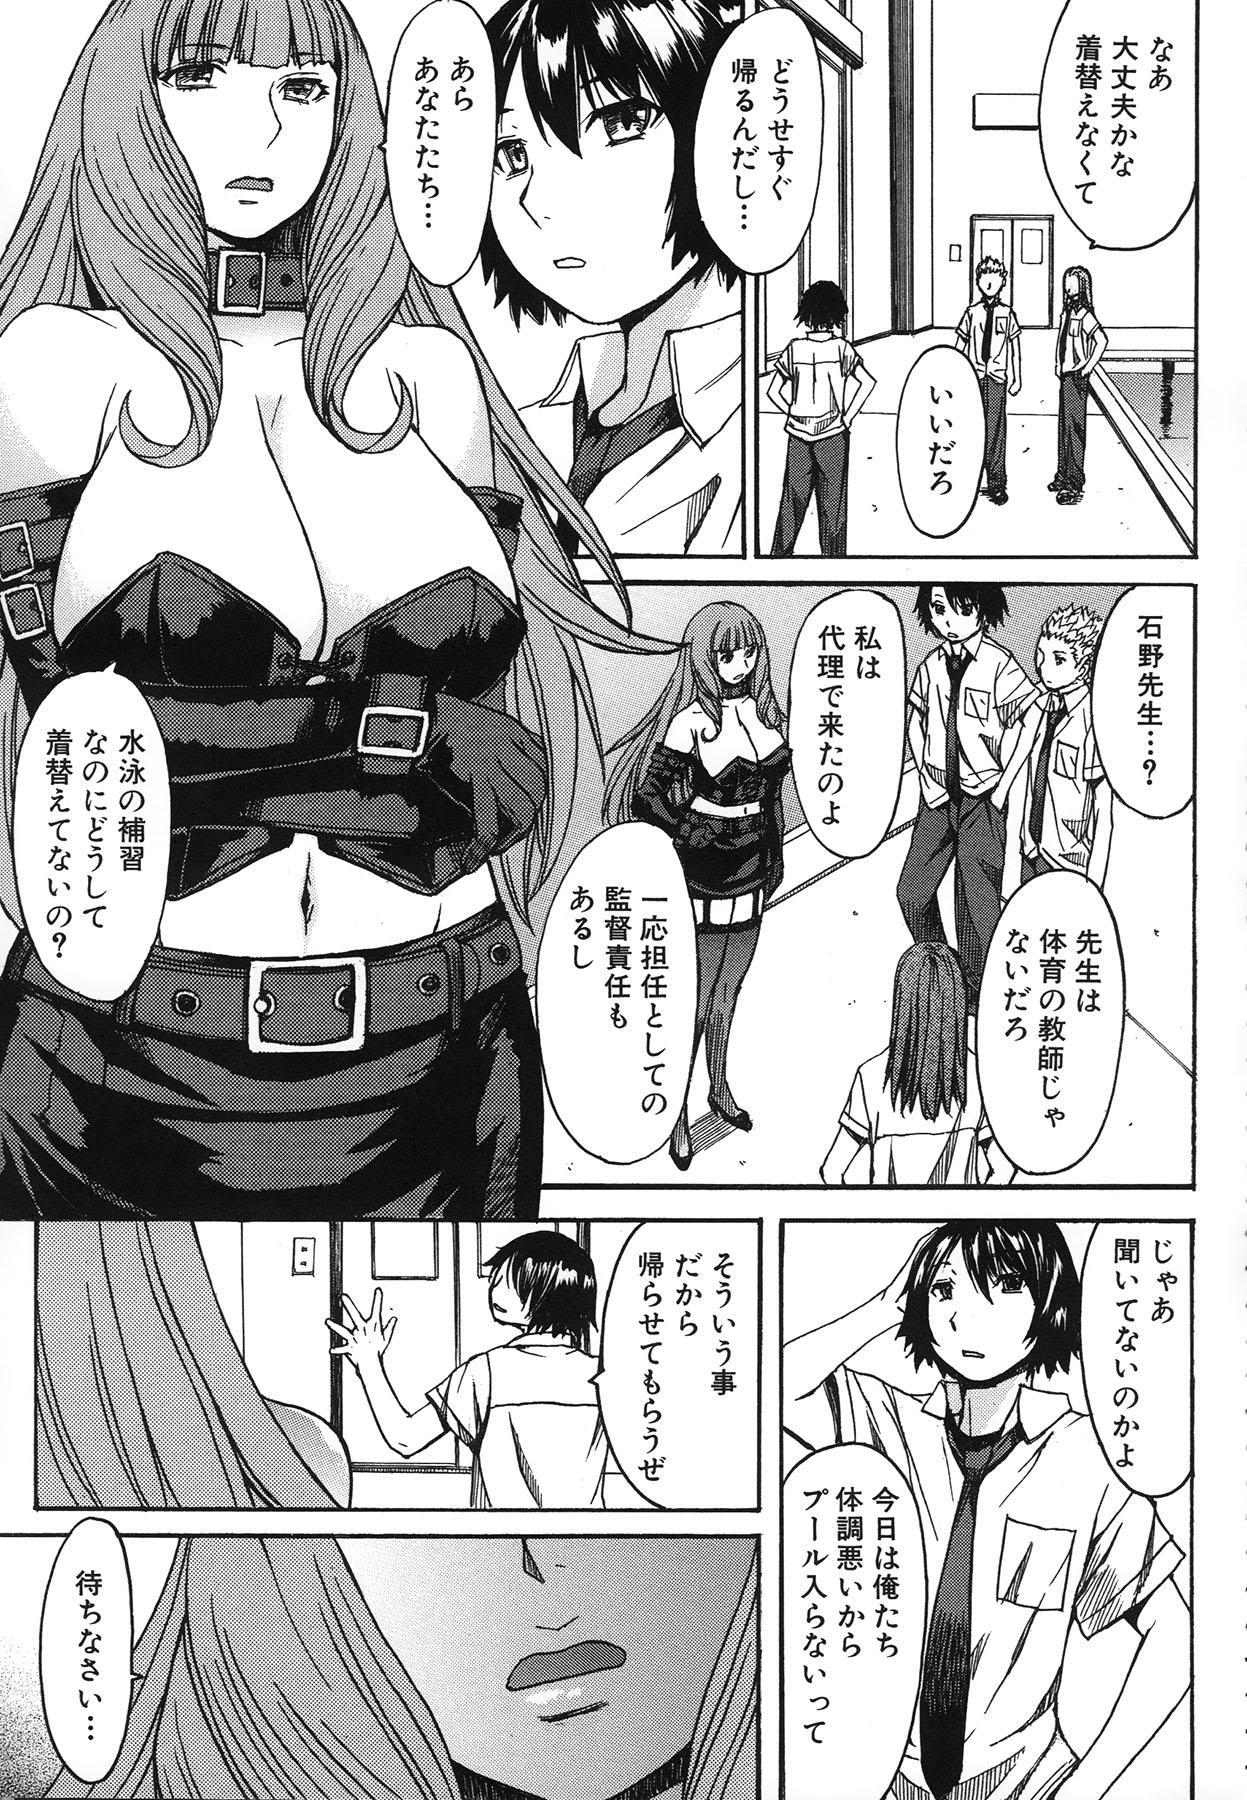 Ashigami 86